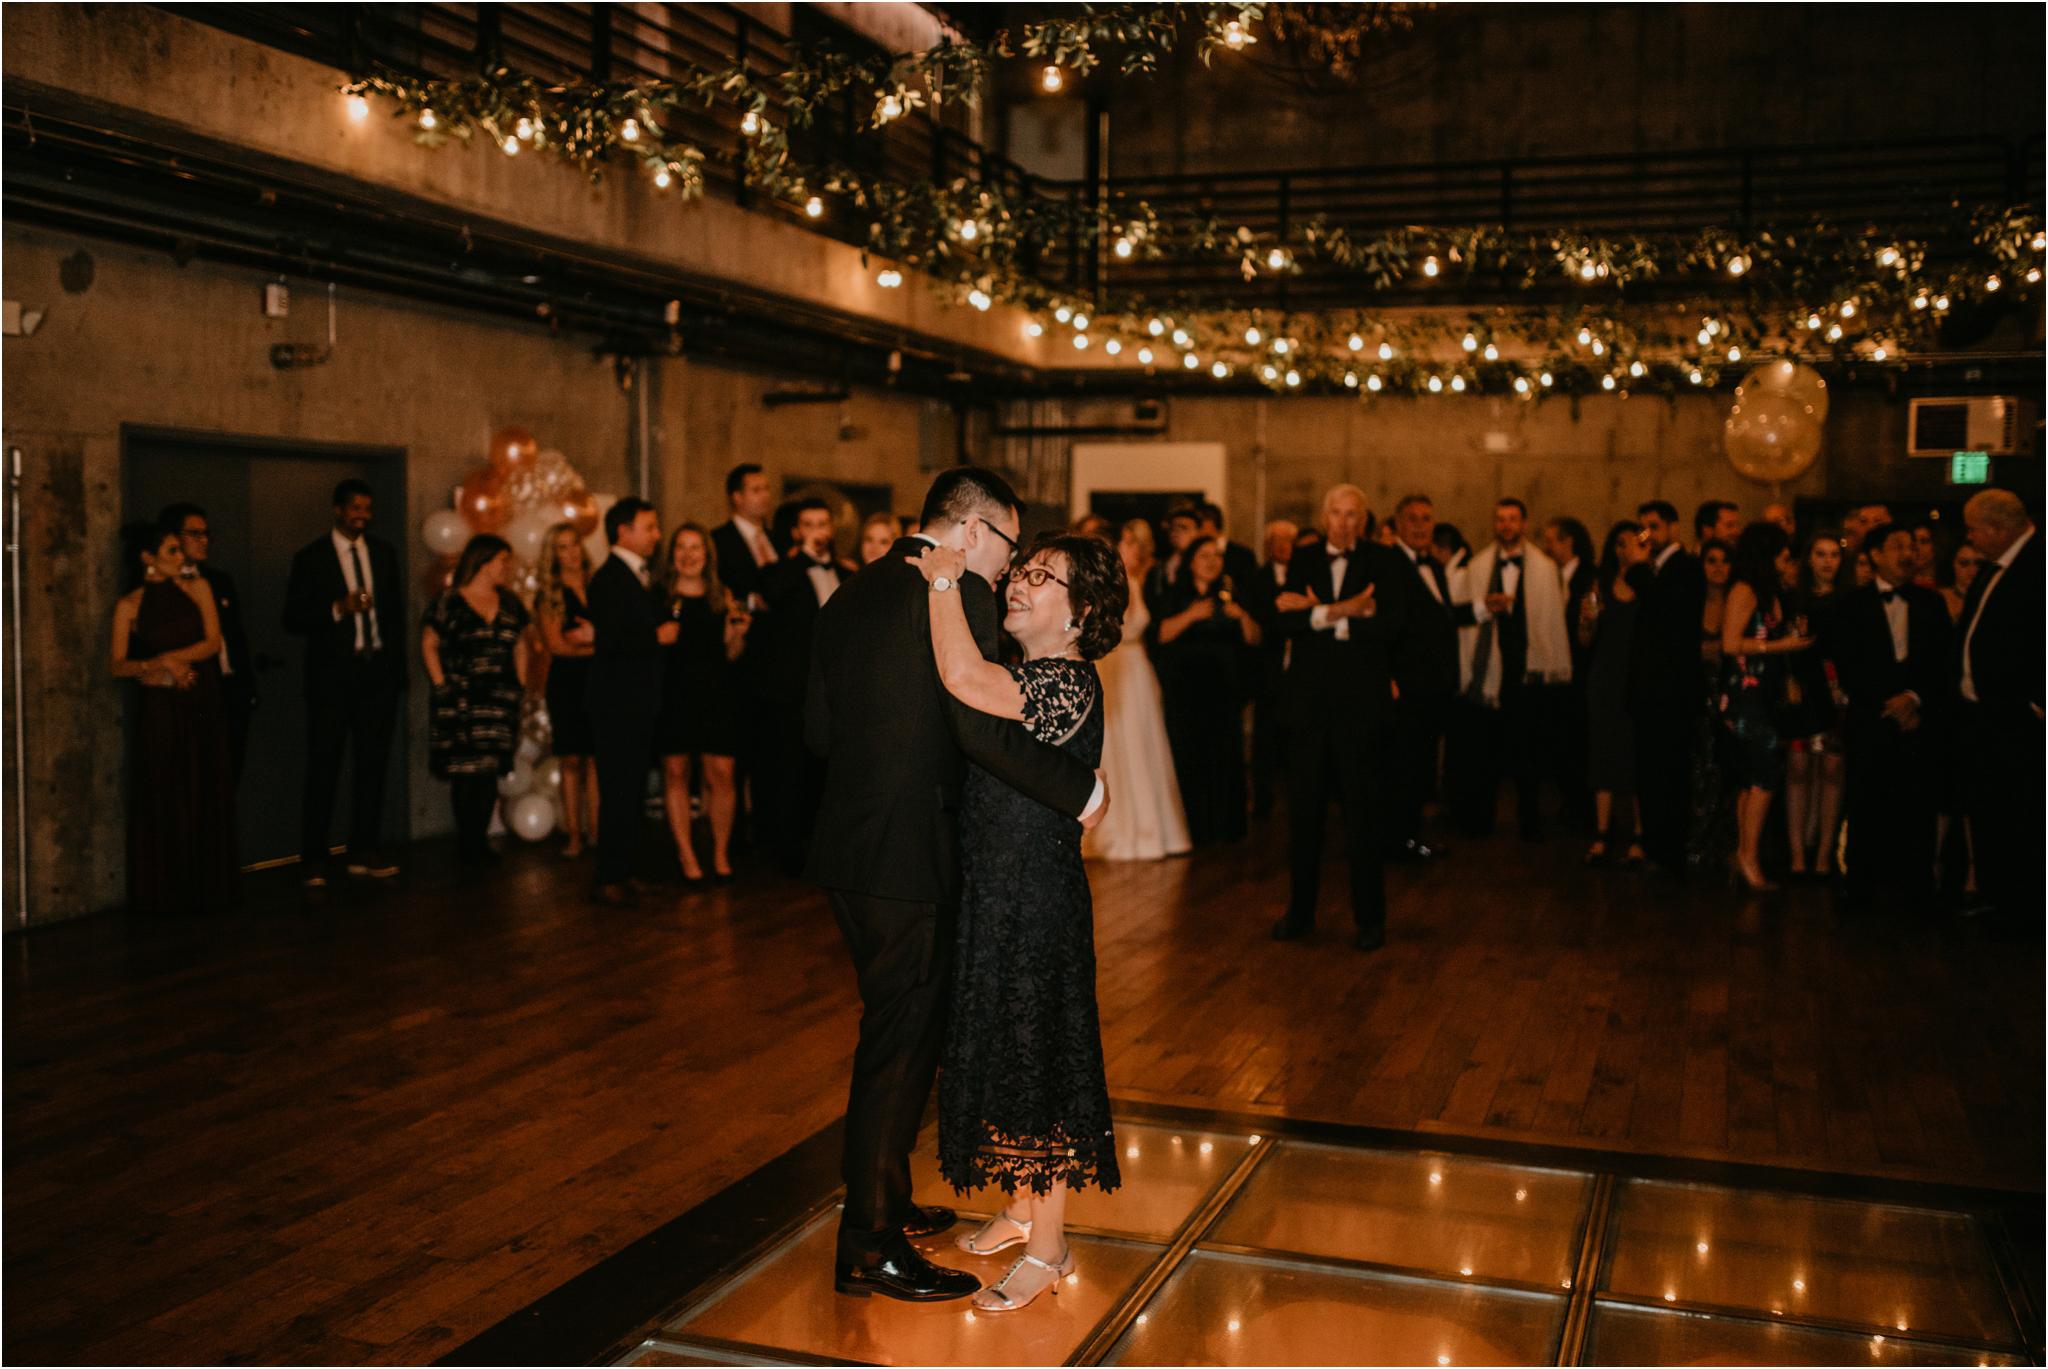 ashley-and-david-fremont-foundry-seattle-washington-wedding-photographer-131.jpg